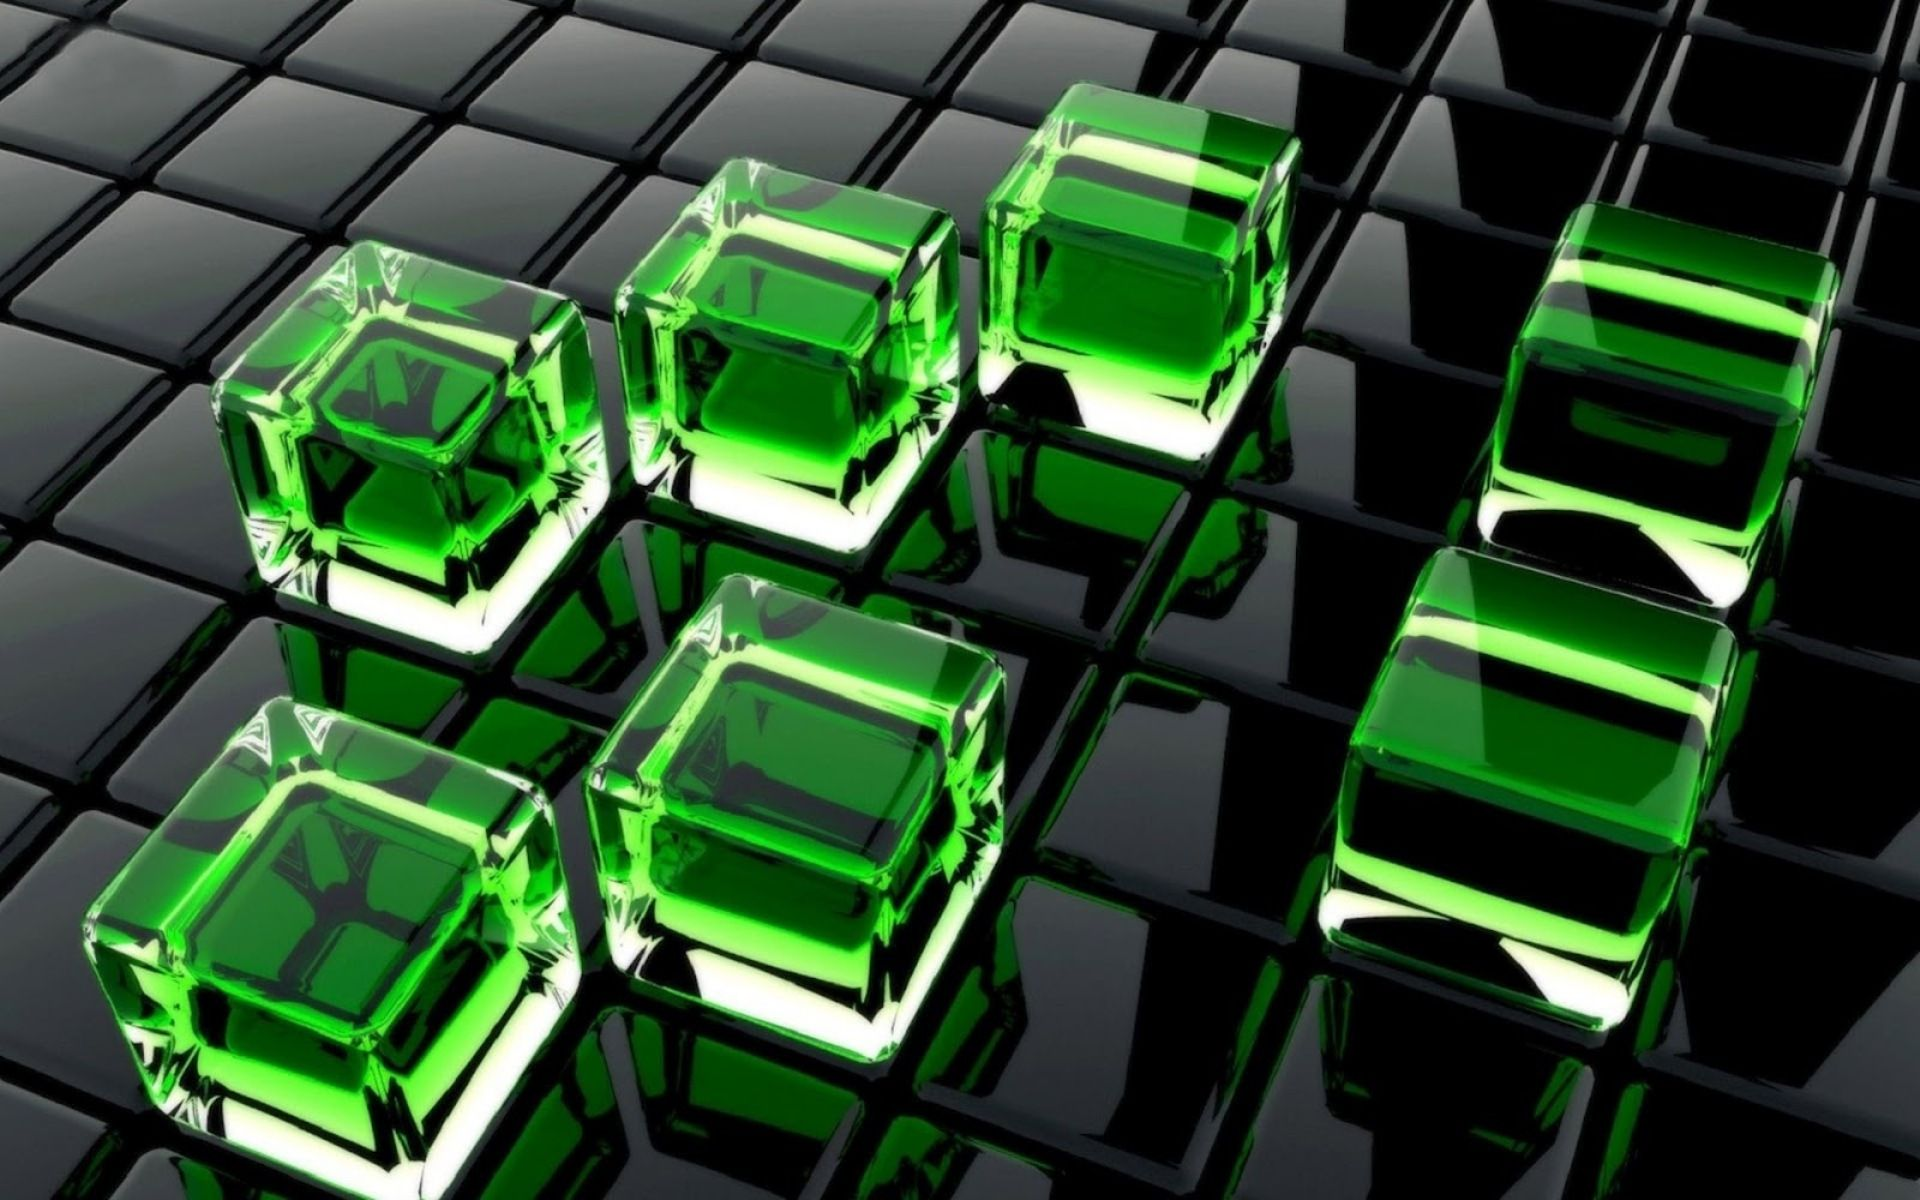 3d glass cubes hd wallpaper 3d pinterest hd for 3d wallpaper for home wall uk